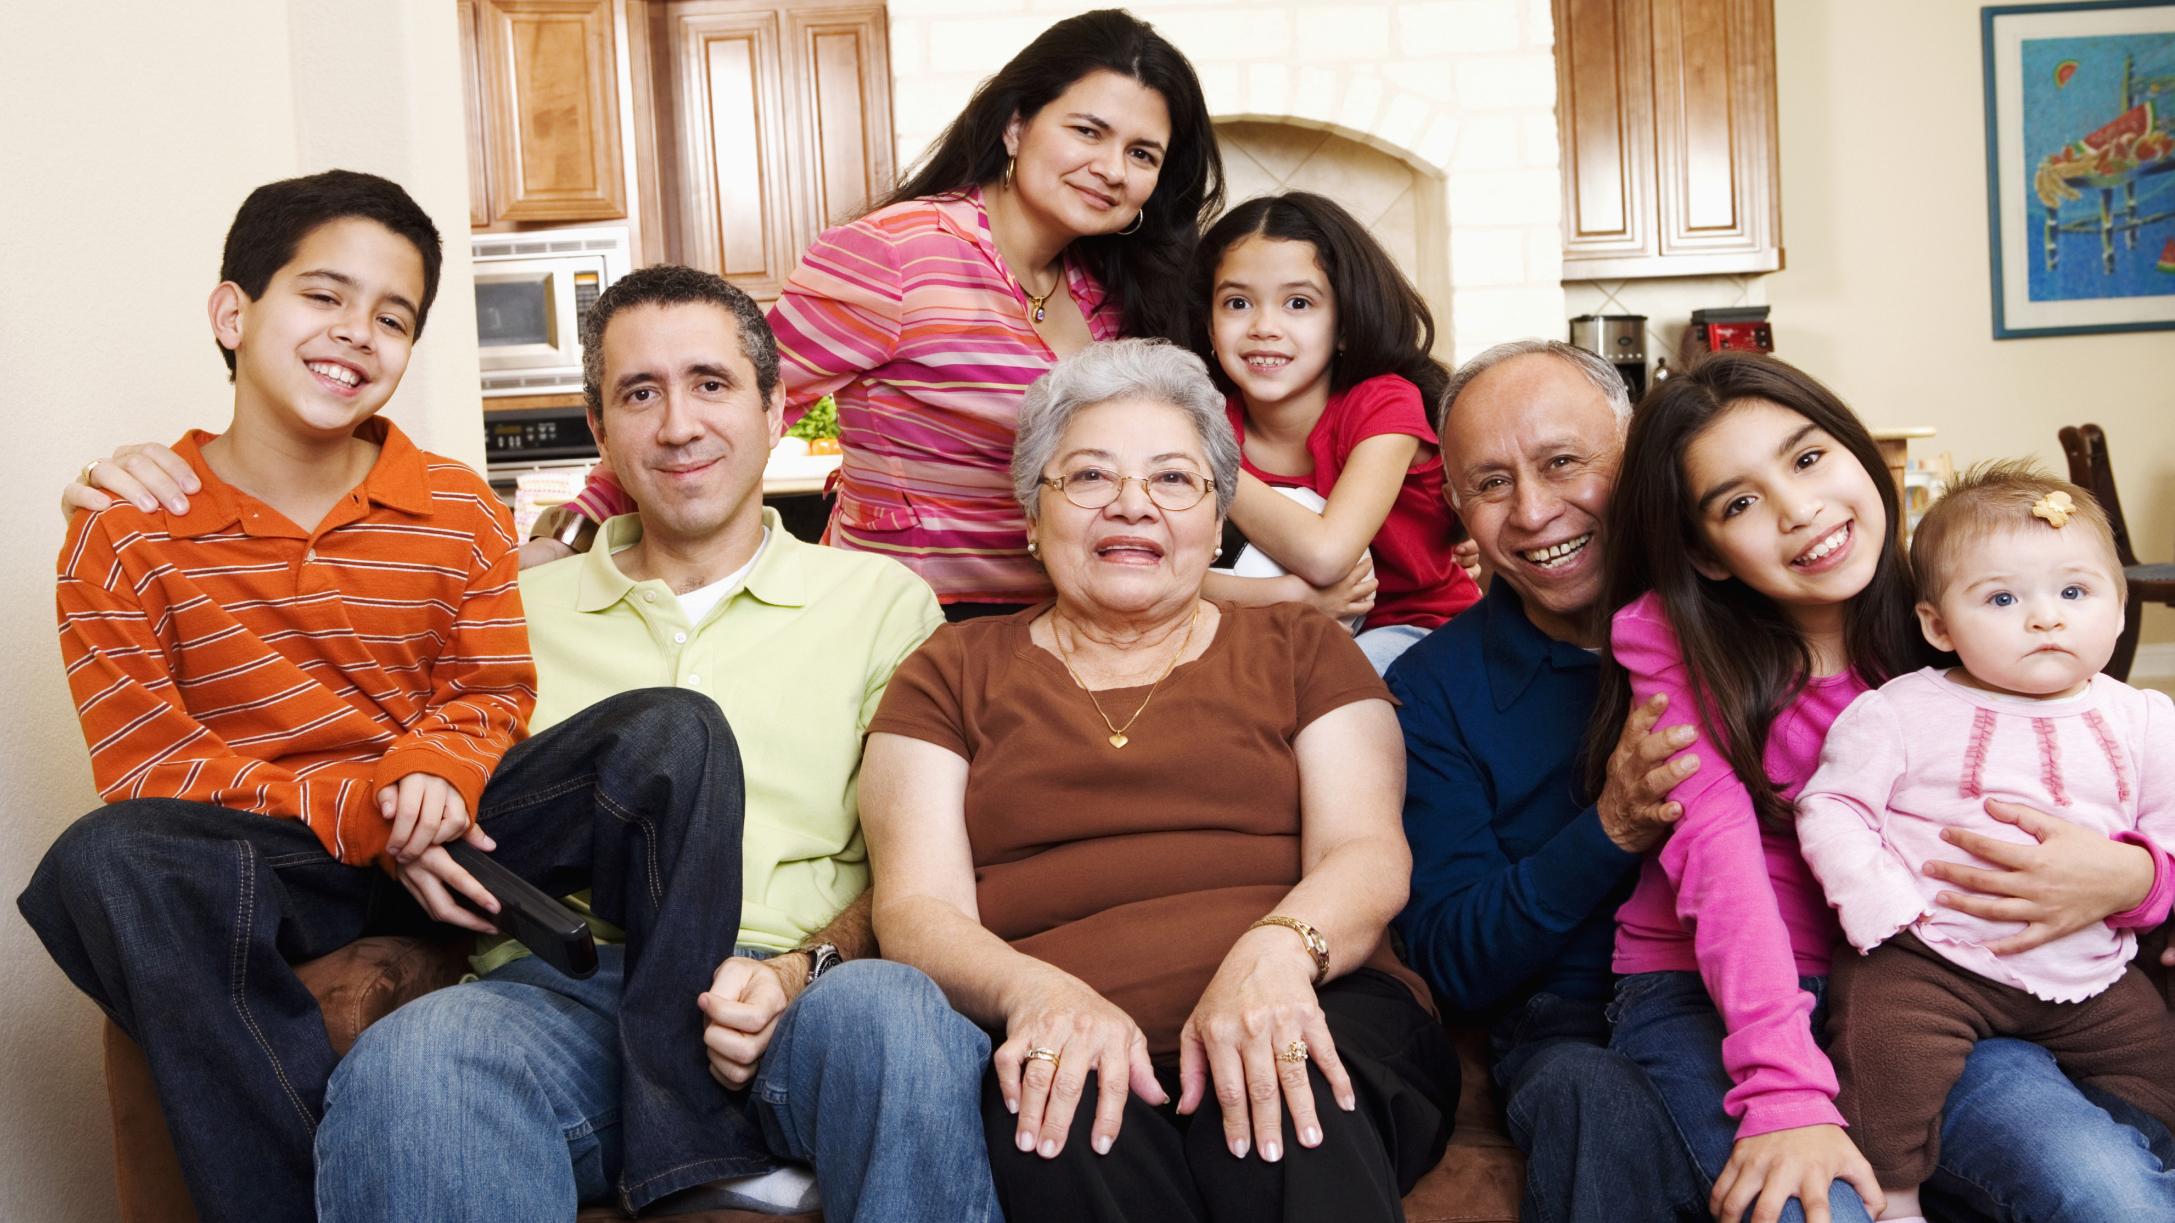 (Español) Ley de nacionalidad para descendientes de españoles o ley de nietos